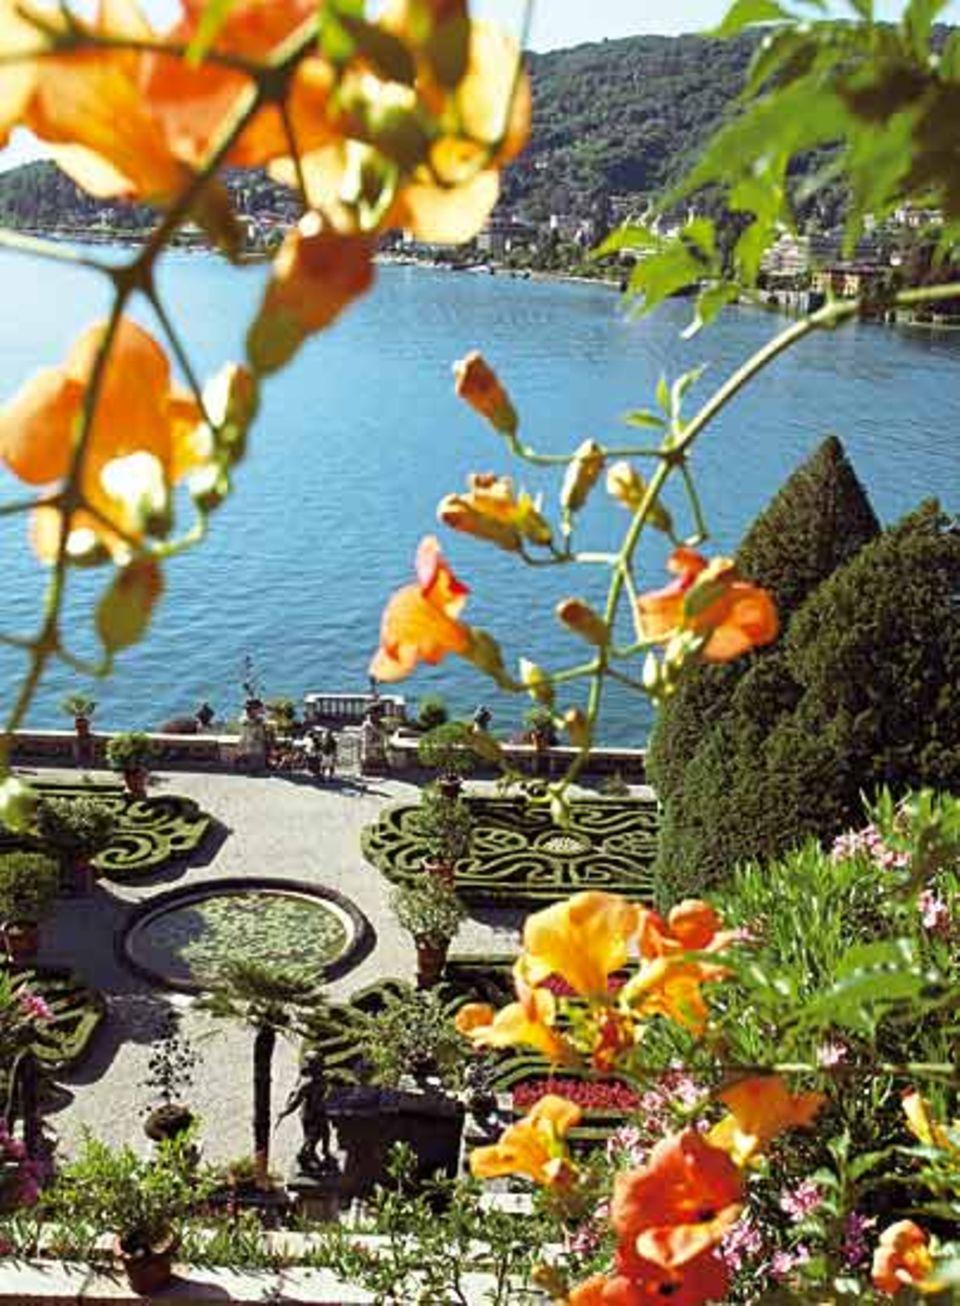 Lago Maggiore: Buchsbäume und Beete im berühmten barocken Terassengarten des Palazzo Borremeo auf der Isola Bella